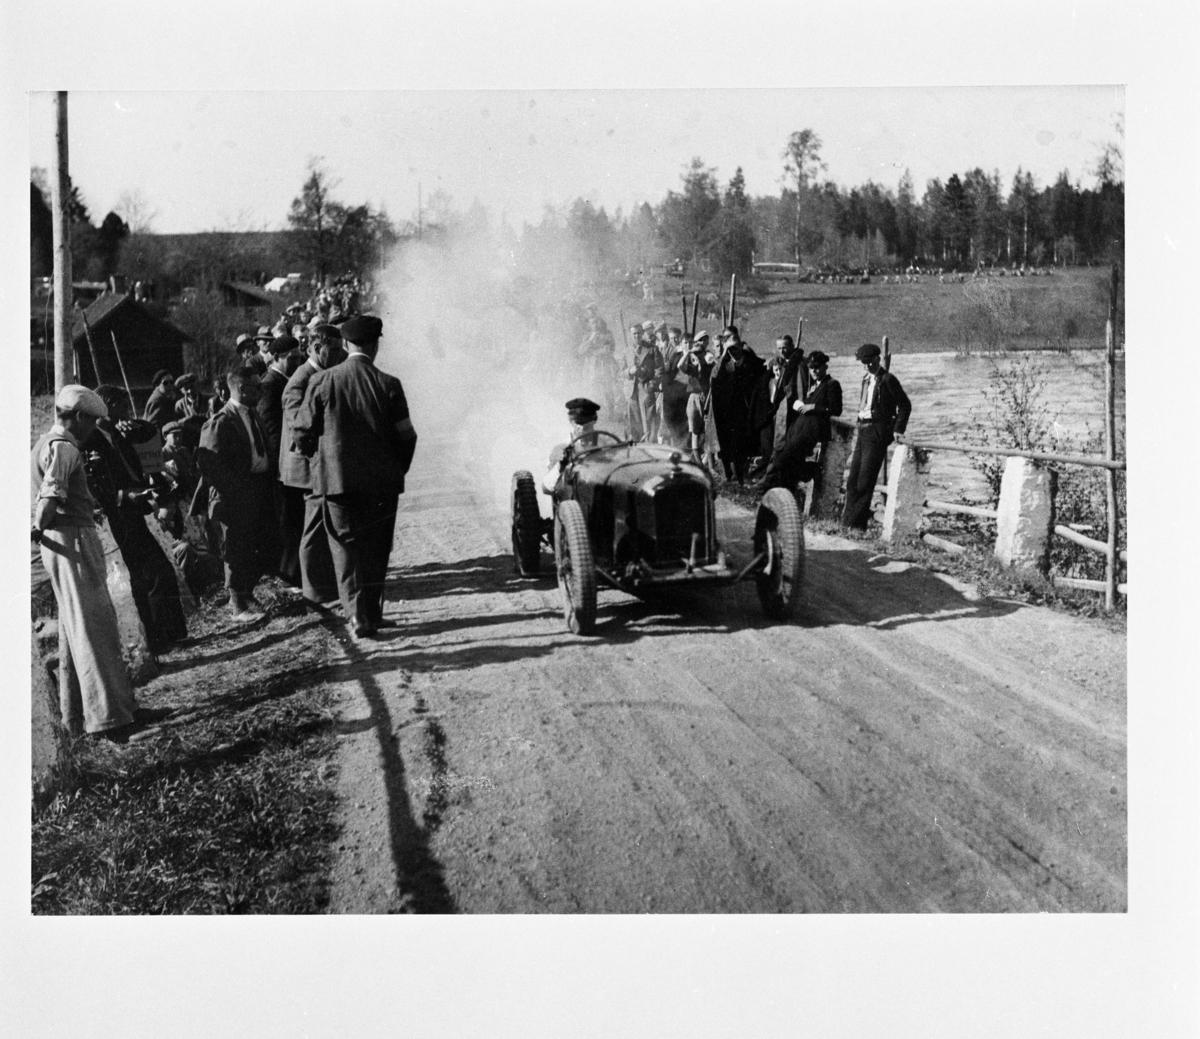 Reproduktion, Röfors. En man kör en bil/traktor med stort rökmoln bakom. Publiken står i vägkanten.